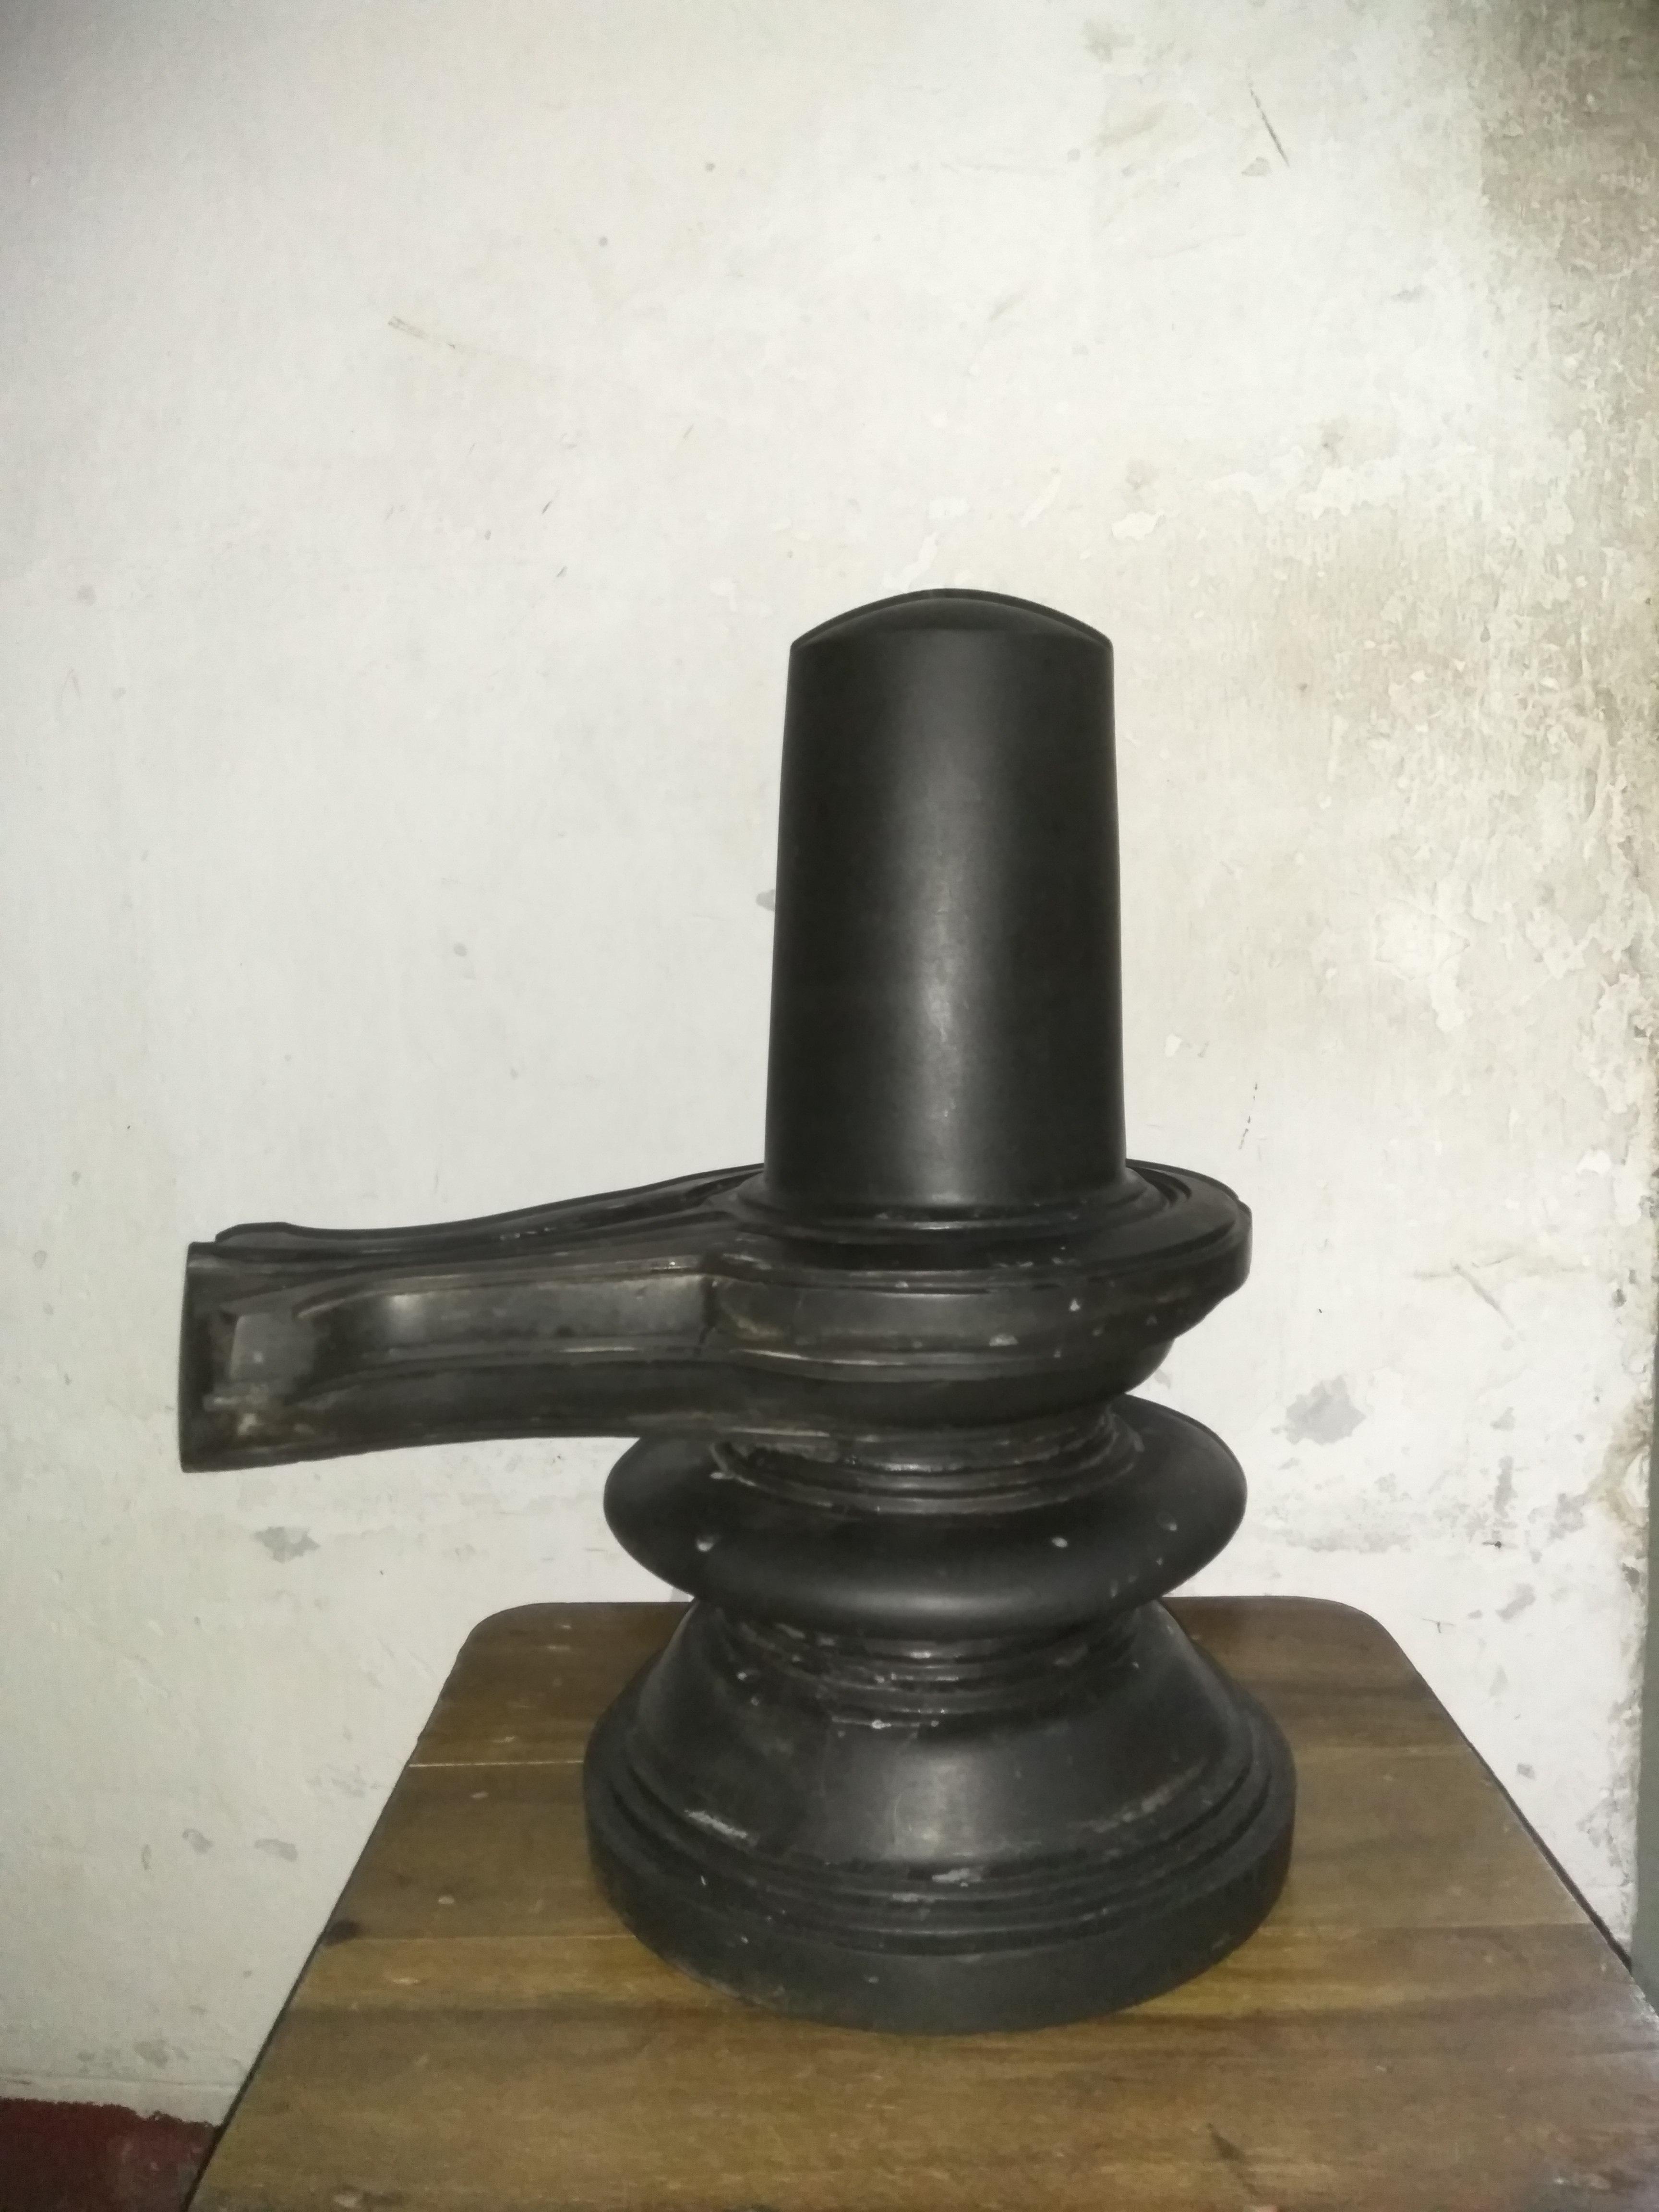 বোয়ালখালীতে চুরি হওয়া শিবমূর্তি উদ্ধার